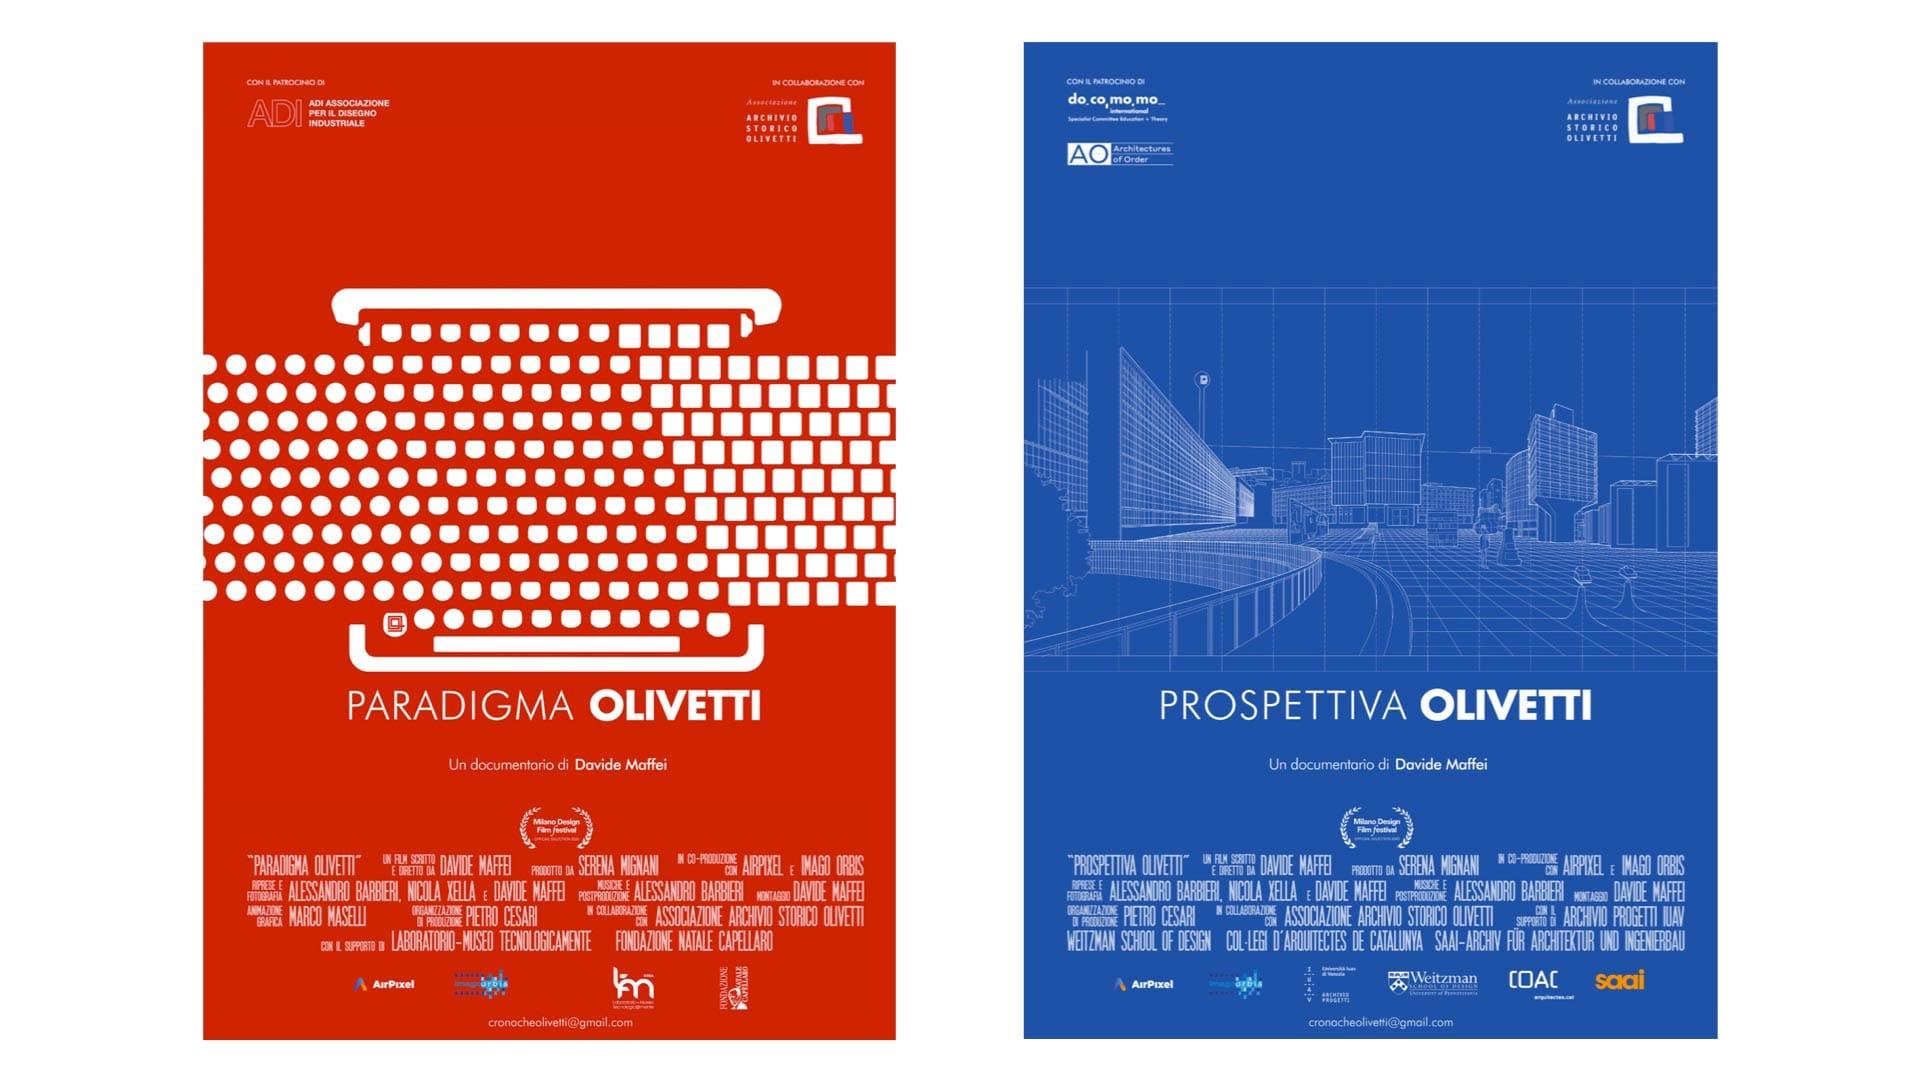 Al circolo del Design due docu-film che raccontano la #StoriaDiInnovazione Olivetti